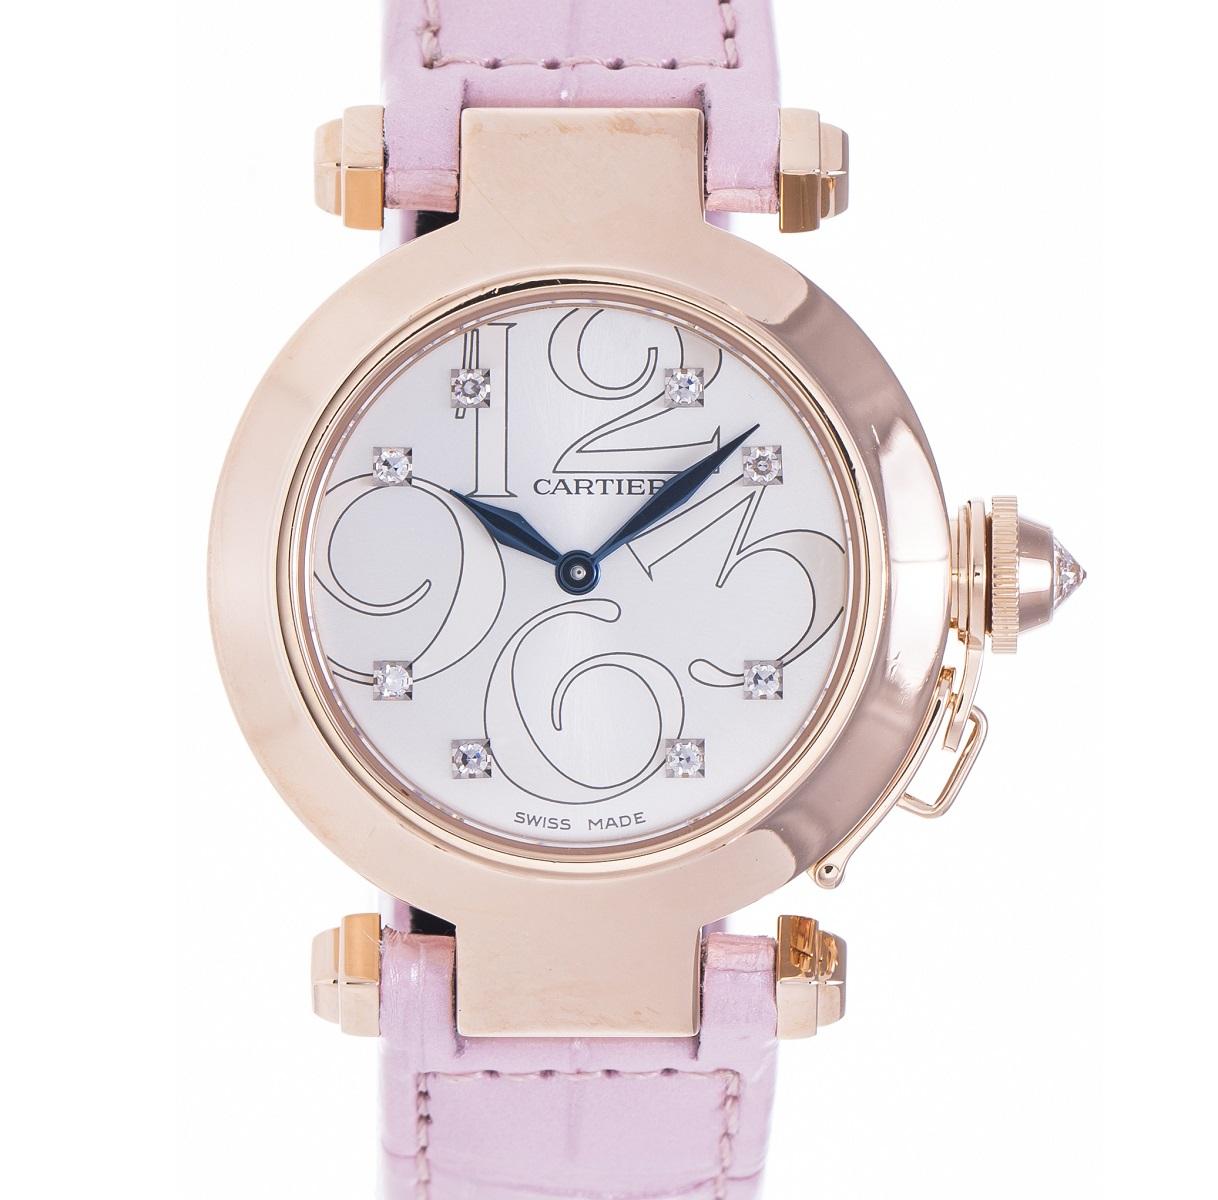 カルティエ Cartier パシャ32 アニメーション ピンクゴールド Qz レディース 腕時計 メーカーメンテナンス証明書 送料無料 【中古】【トレジャースポット】